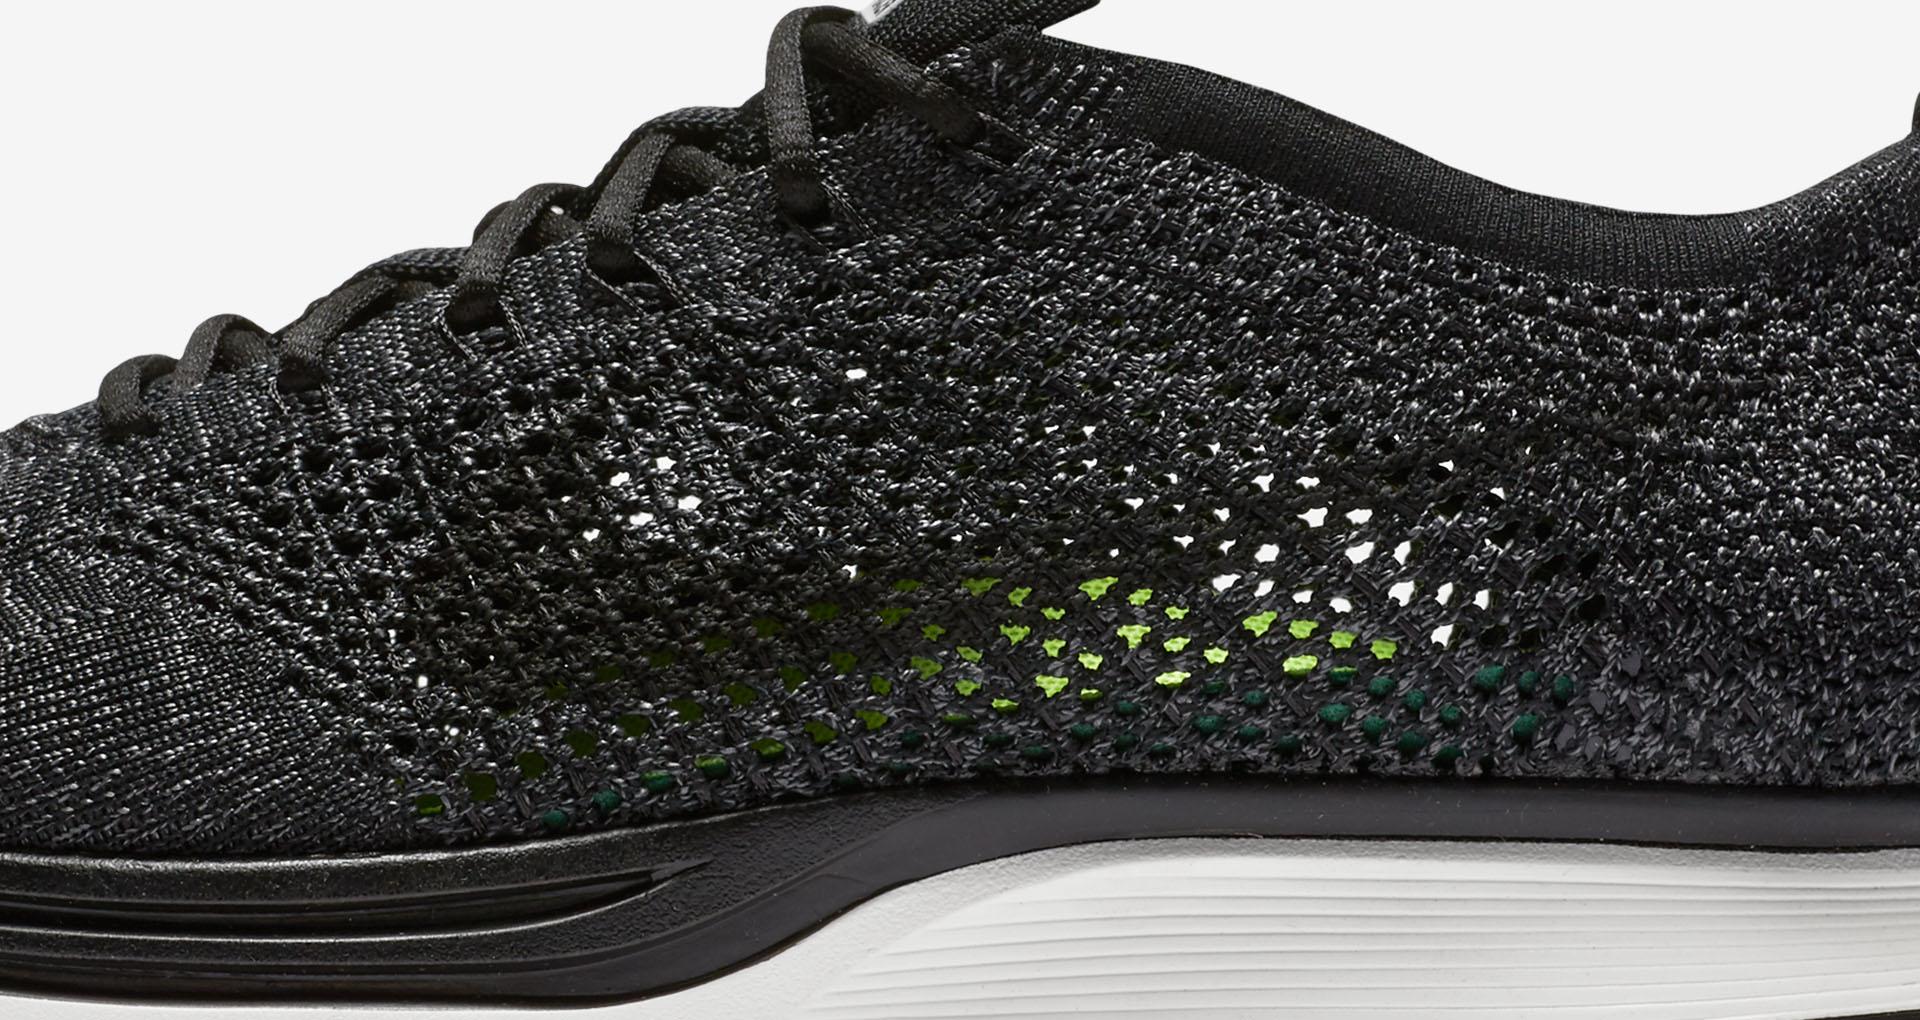 Nike Flyknit Racer Knit By Night 8